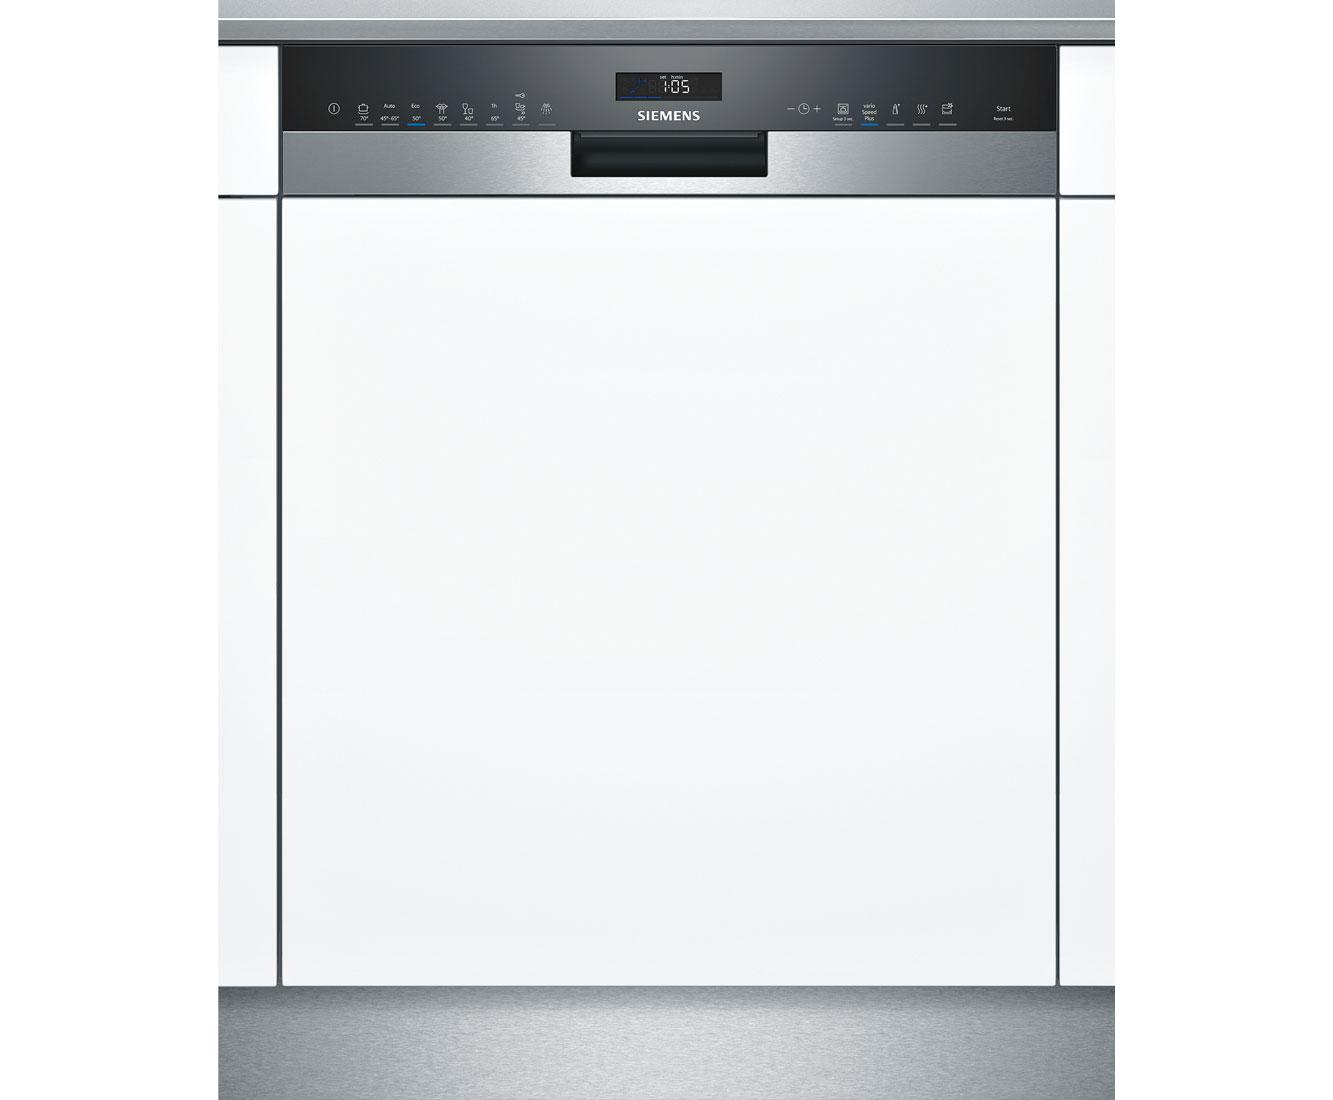 iQ500 SN558S02ME Geschirrspüler 60 cm - Edelstahl